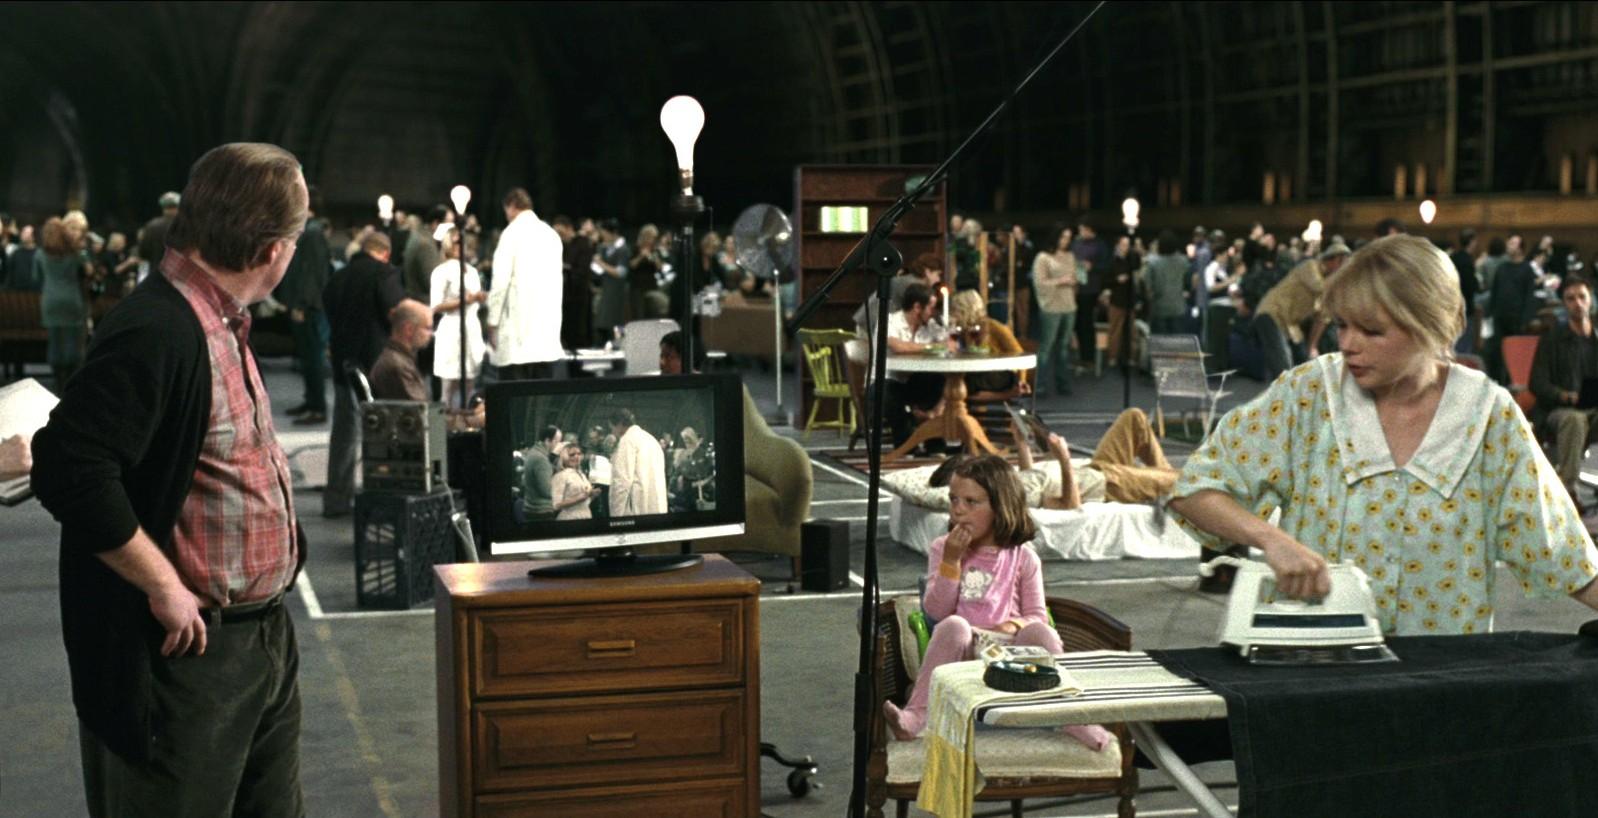 Philip Seymour Hoffman mister grebet om forskellen mellem virkelighed og fiktion i Synecdoche, New York (Foto: Screen Robot)